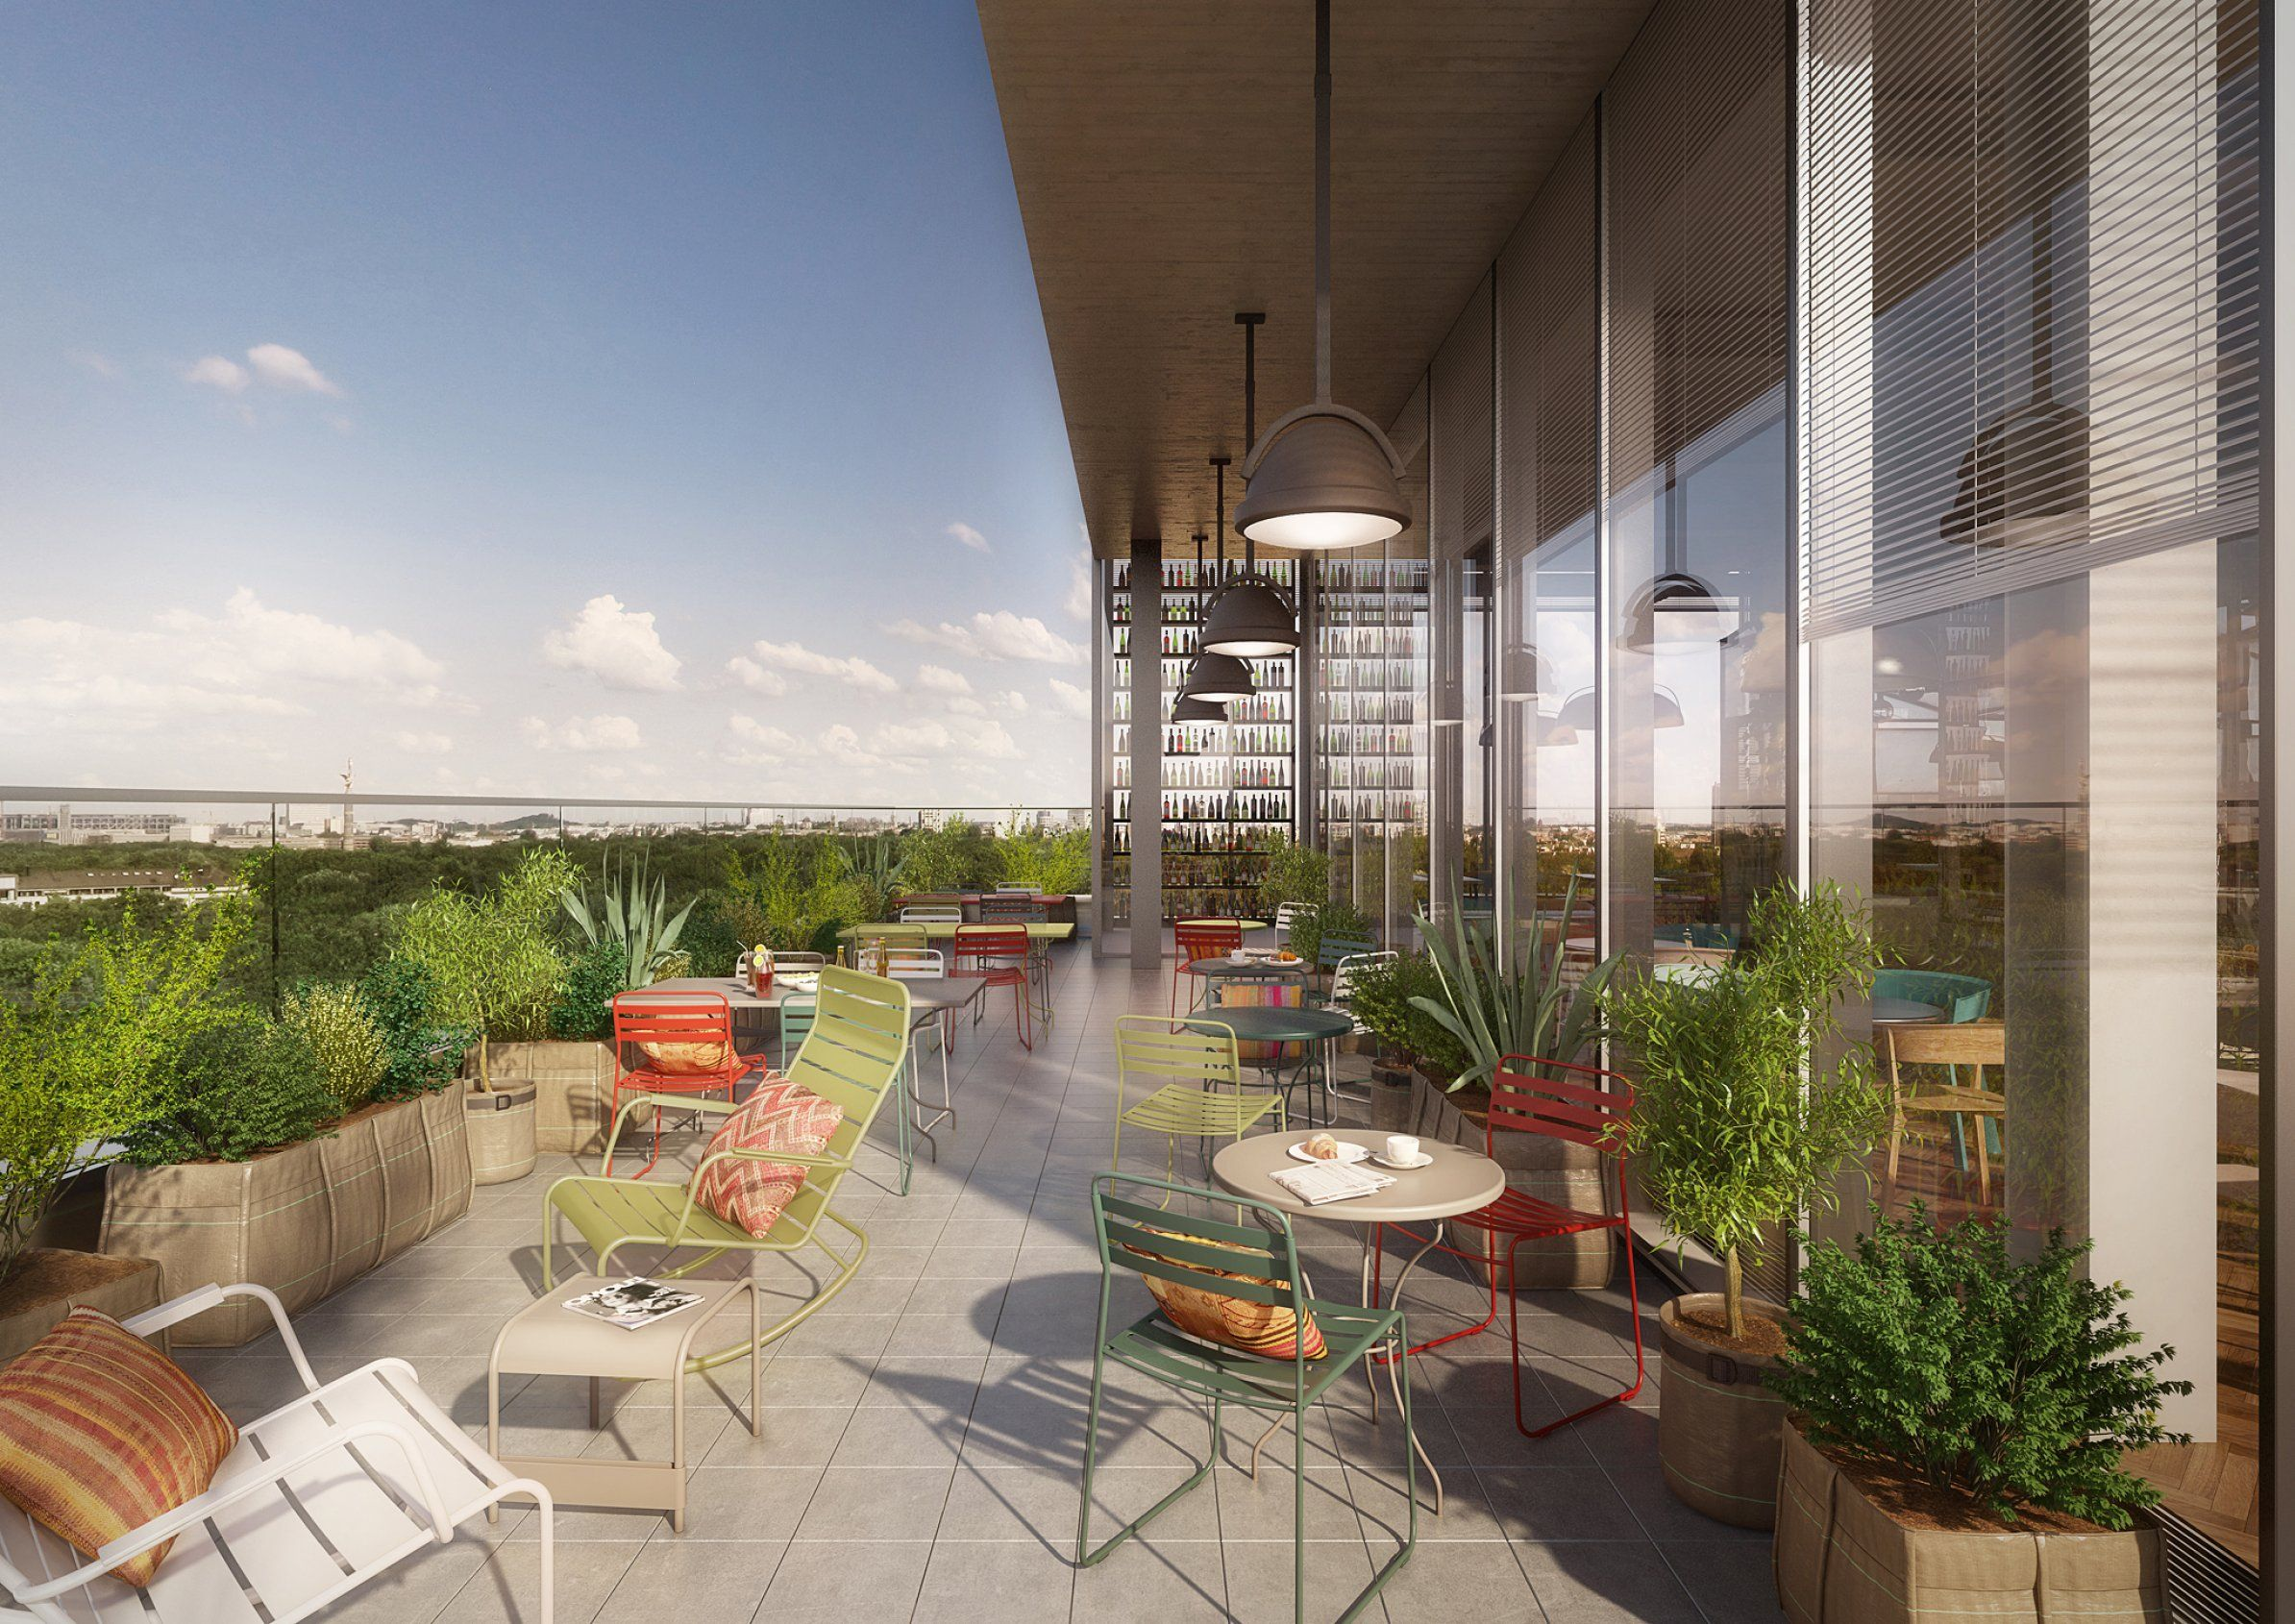 Dachterrassen Berlin dachterrasse des 25hours hotel berlin outdoor balcony